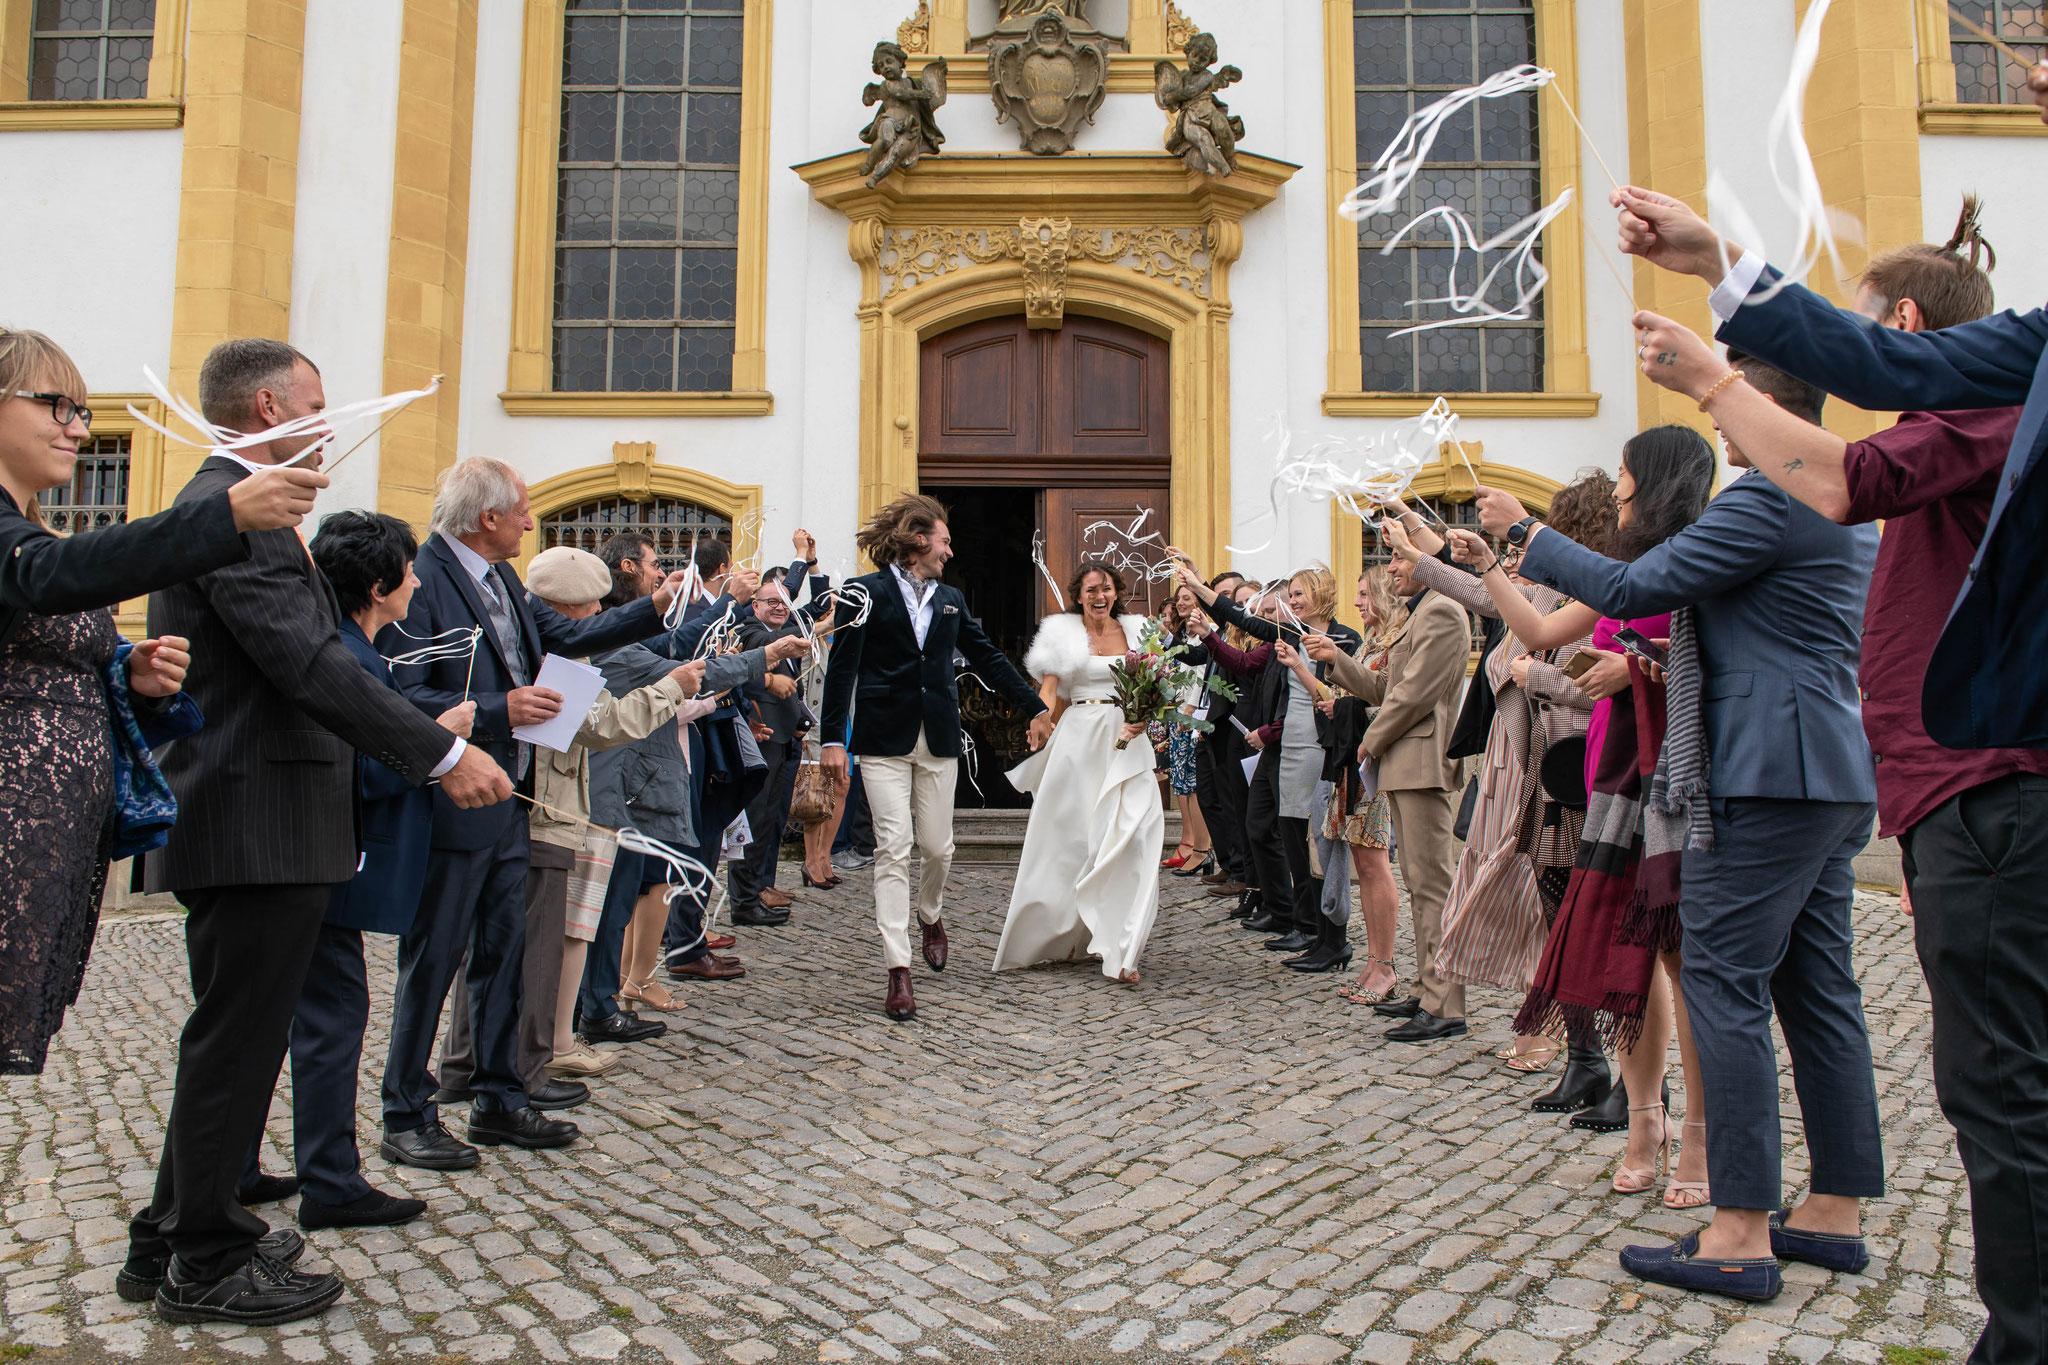 Profi Hochzeitsfotograf für Brautpaar Shootings und Familienaufnahmen  in Würzburg